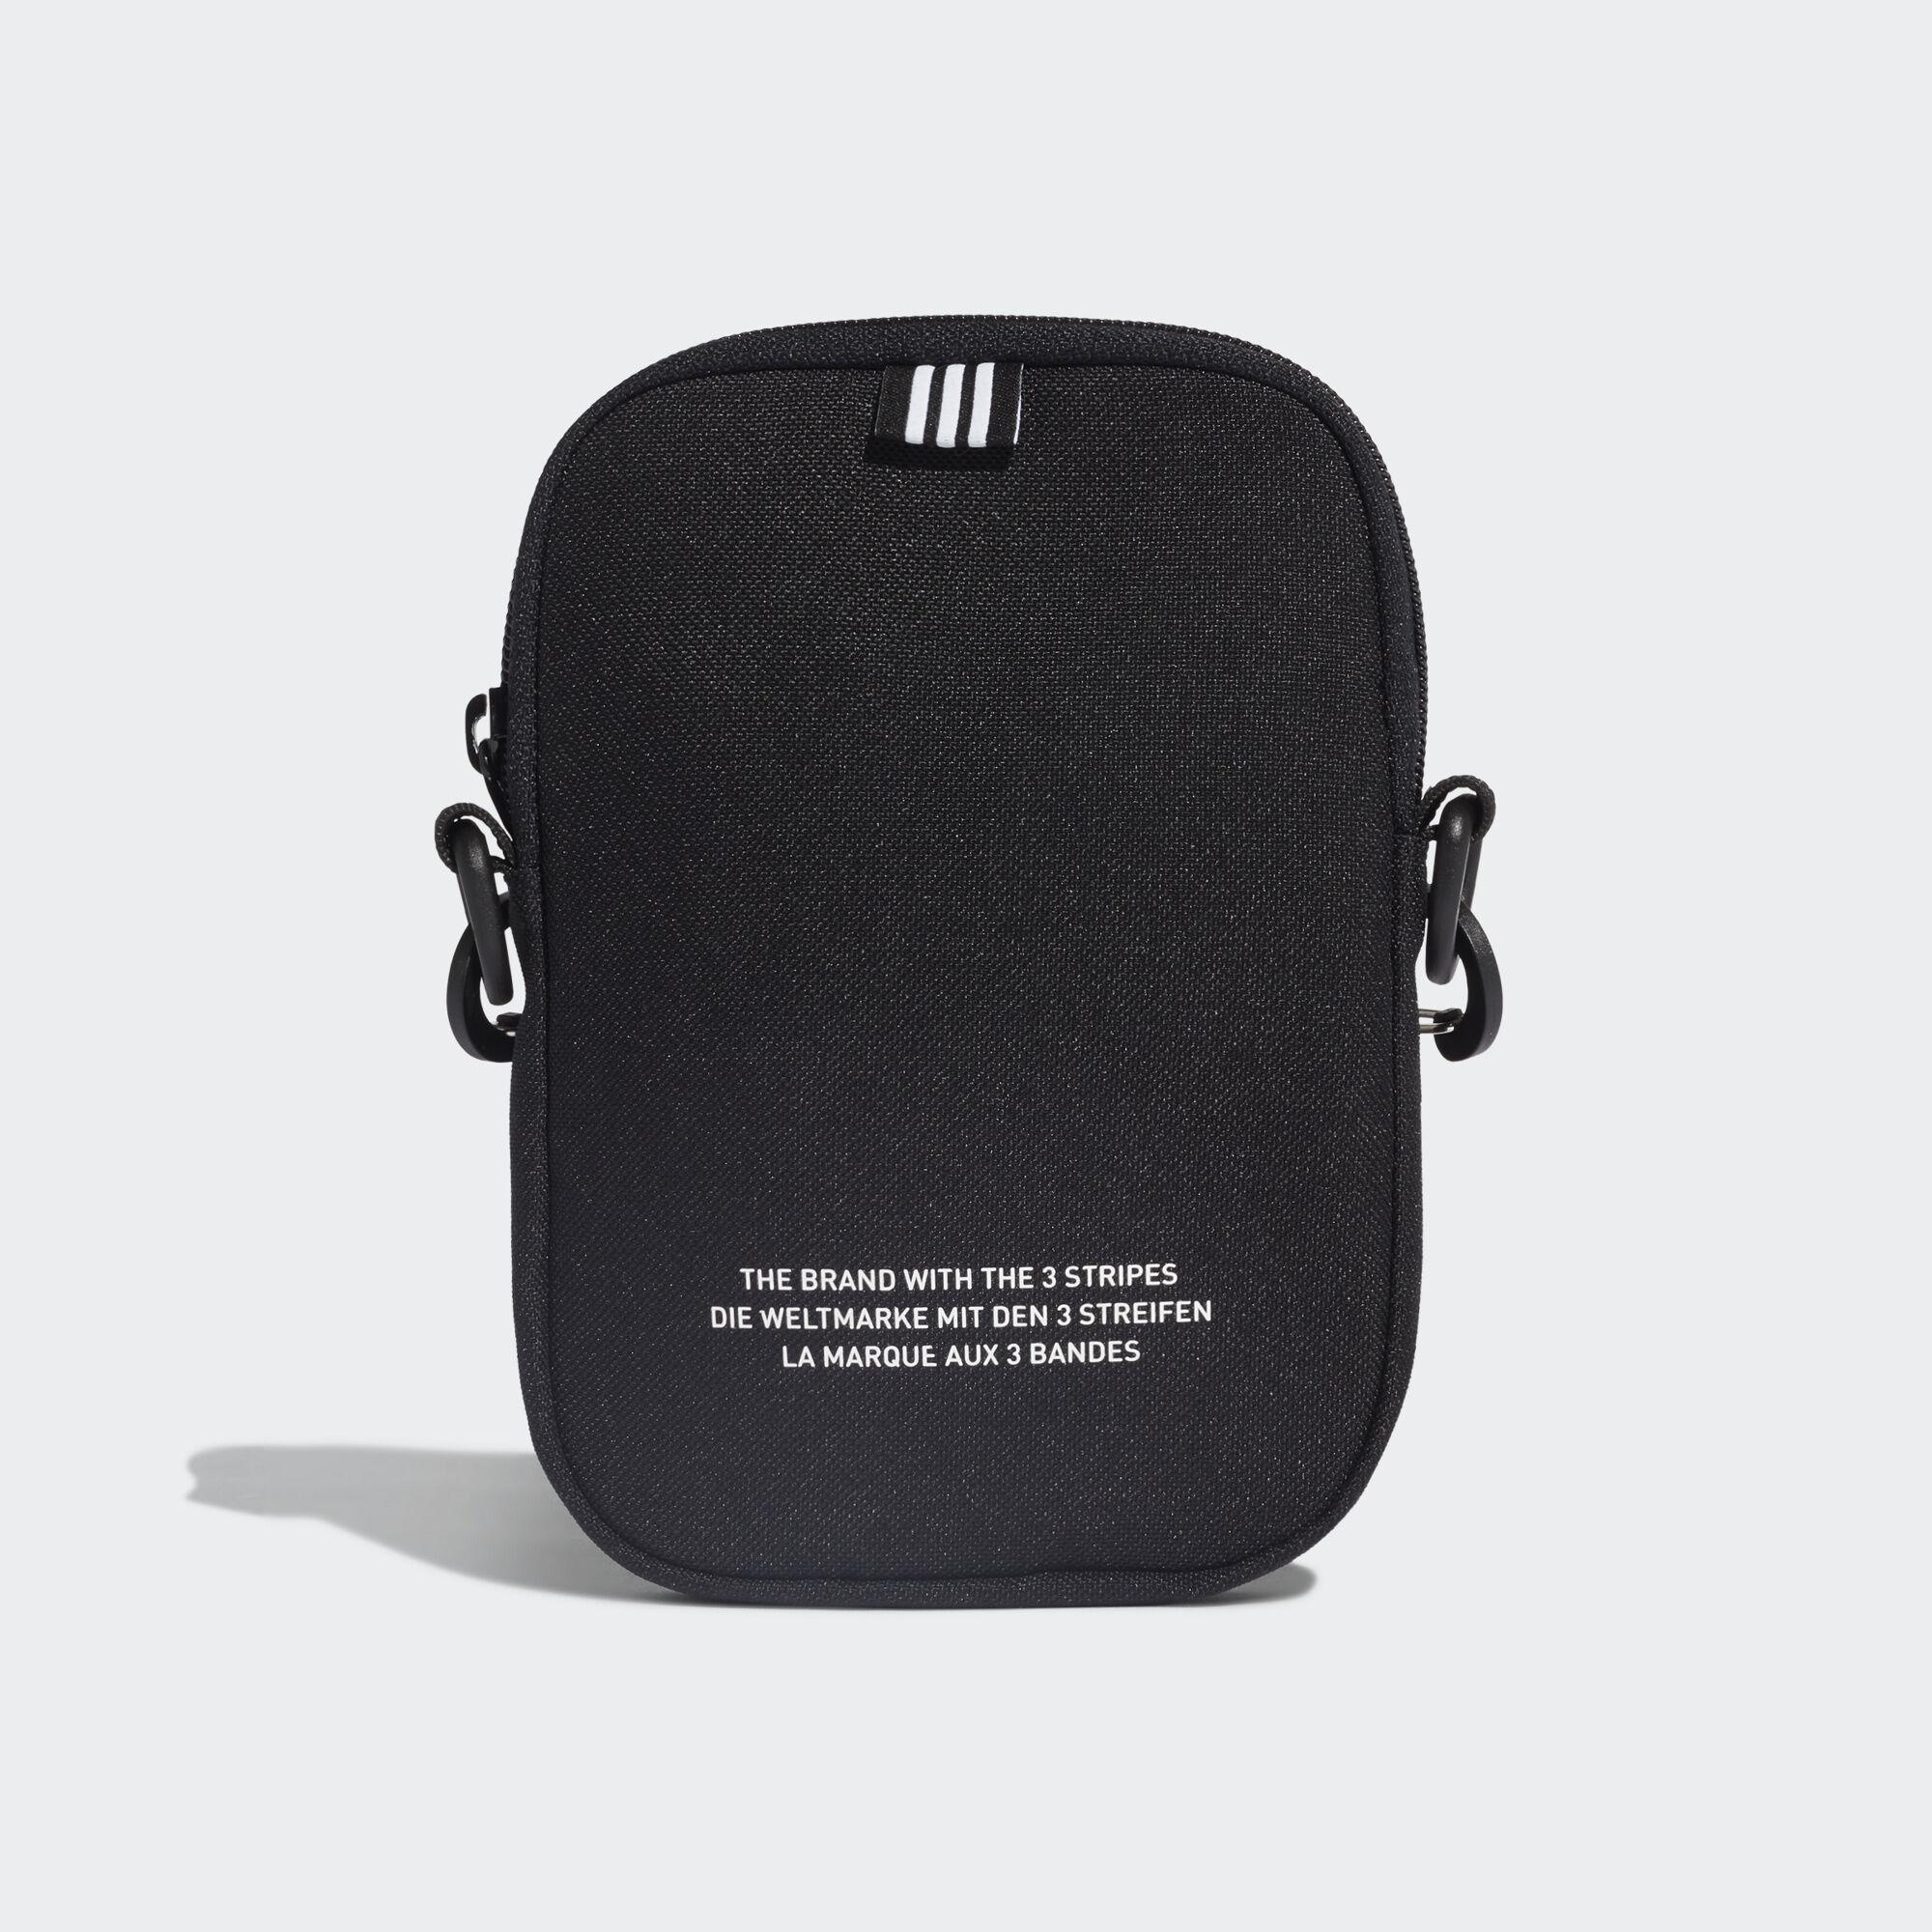 b352d45660 Men's Black Festival Bag